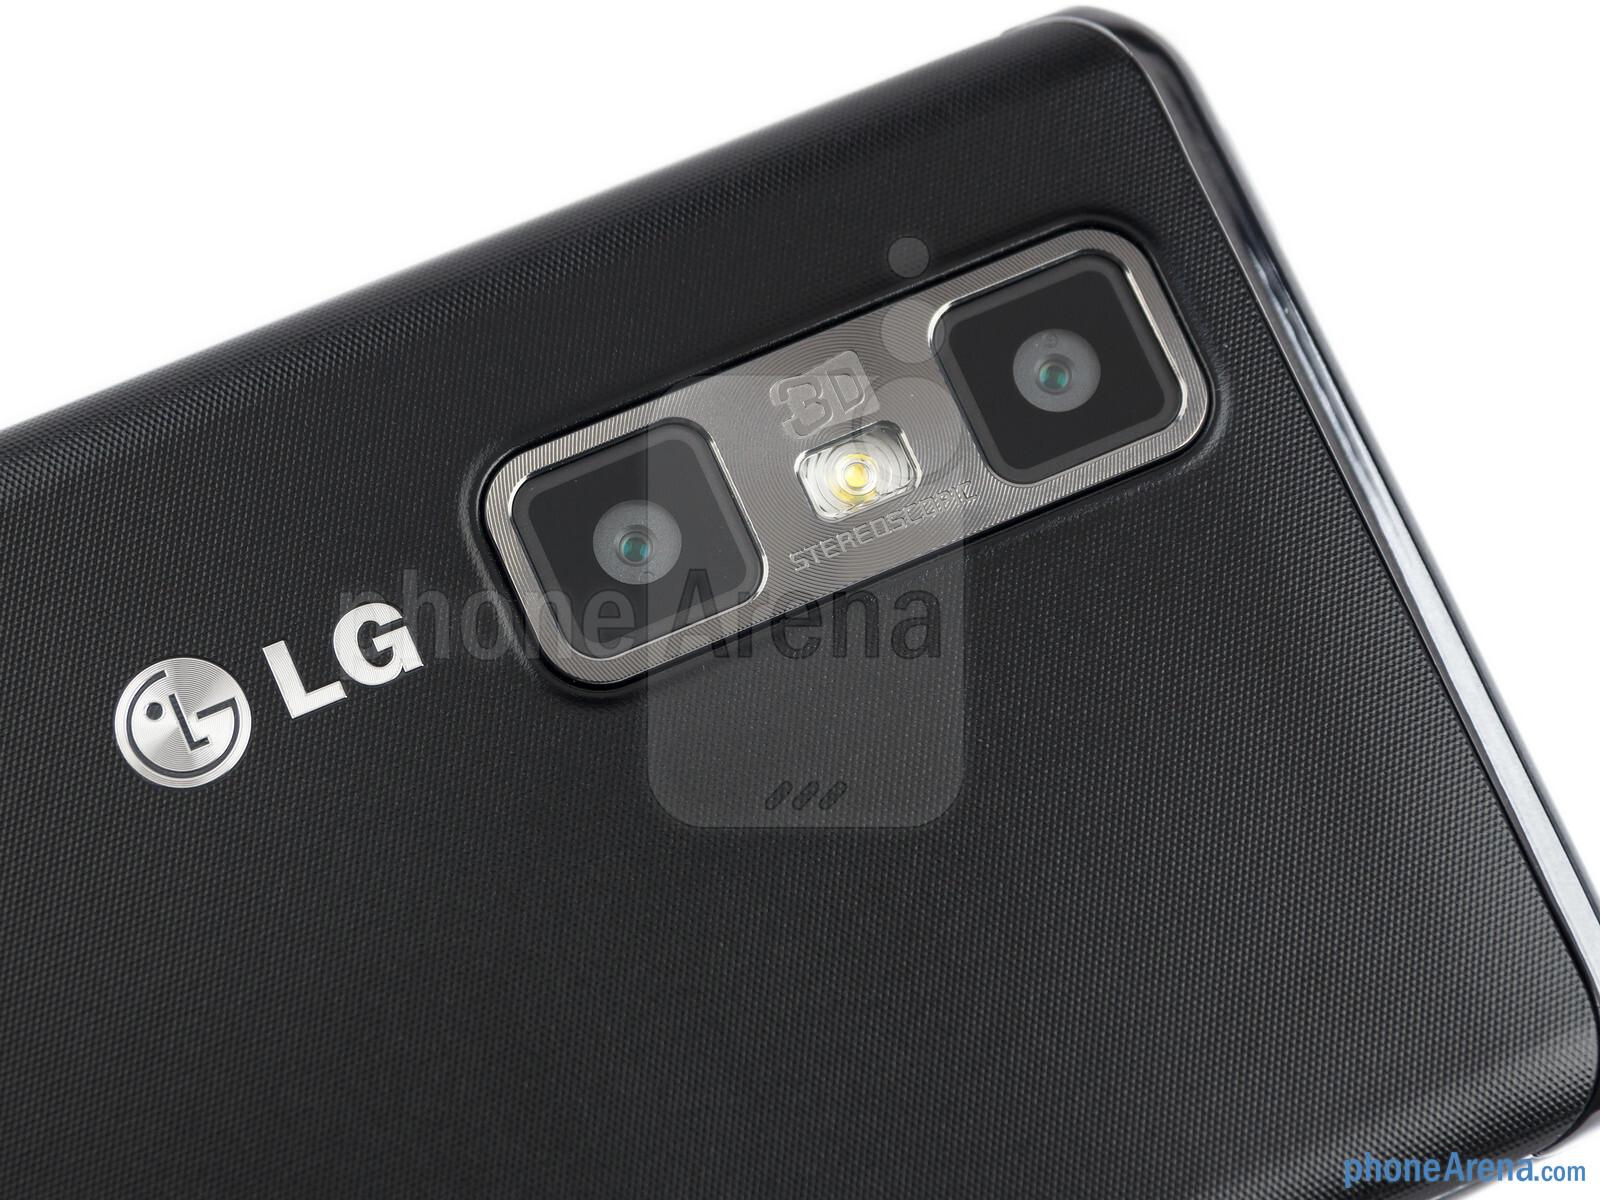 LG Optimus 3D MAX Review - PhoneArena